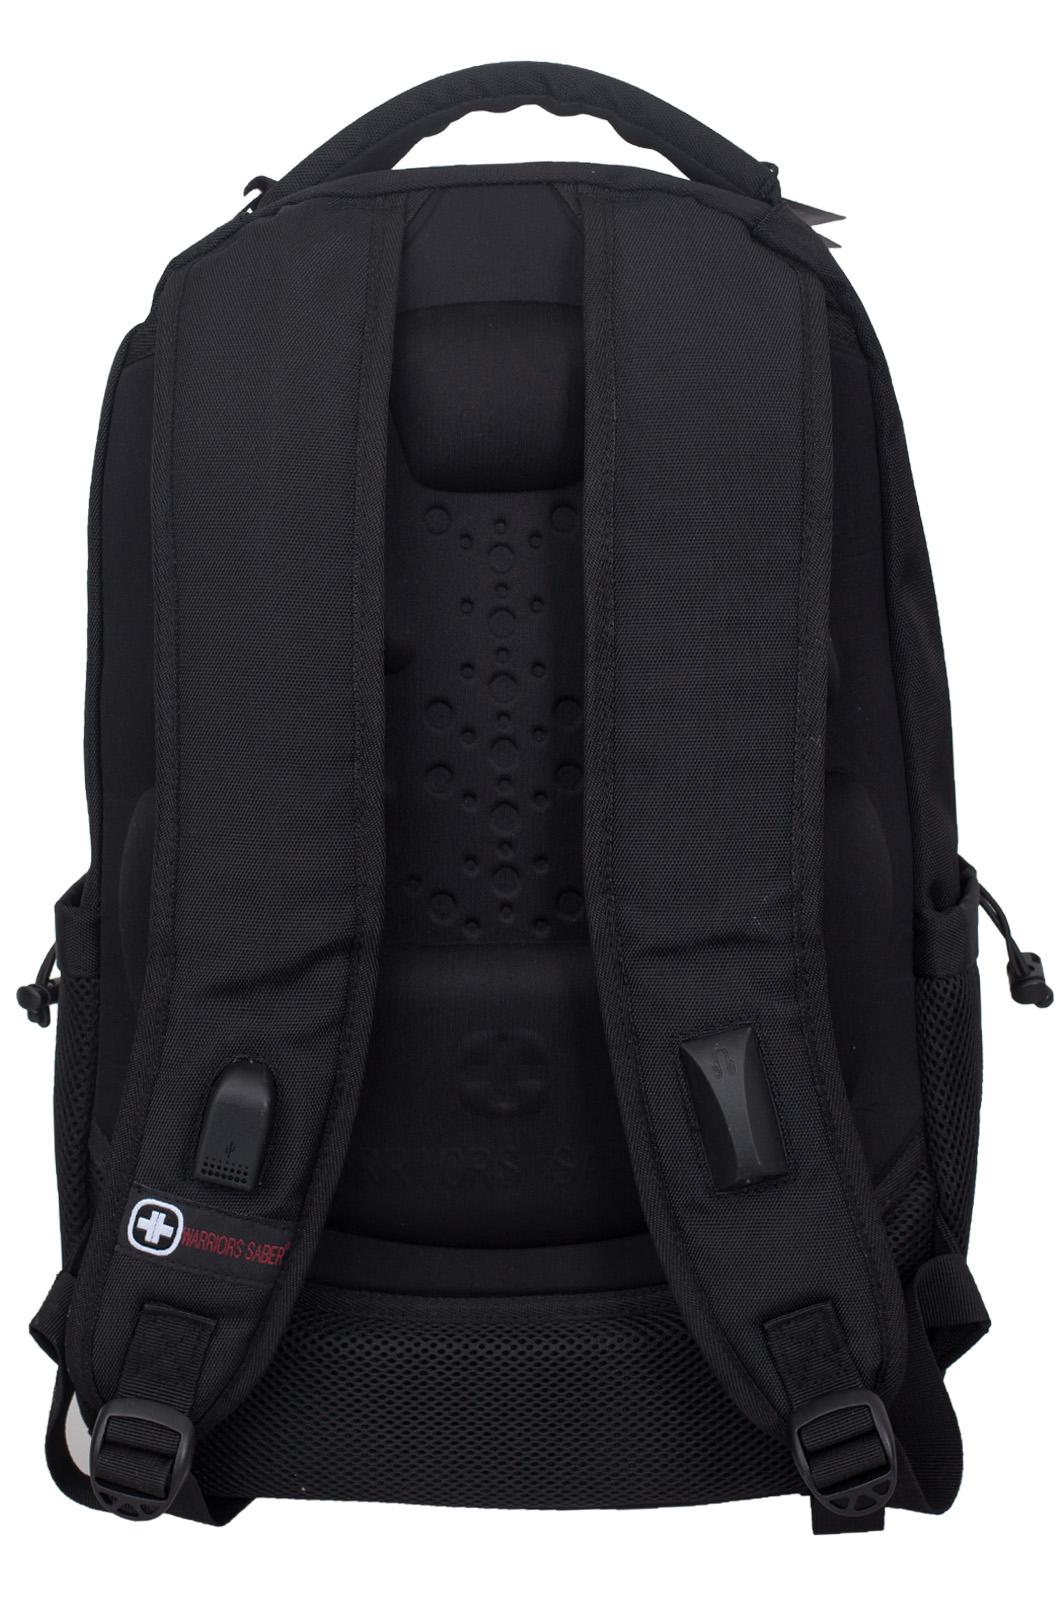 Молодежный городской рюкзак с нашивкой Росгвардия - заказать выгодно